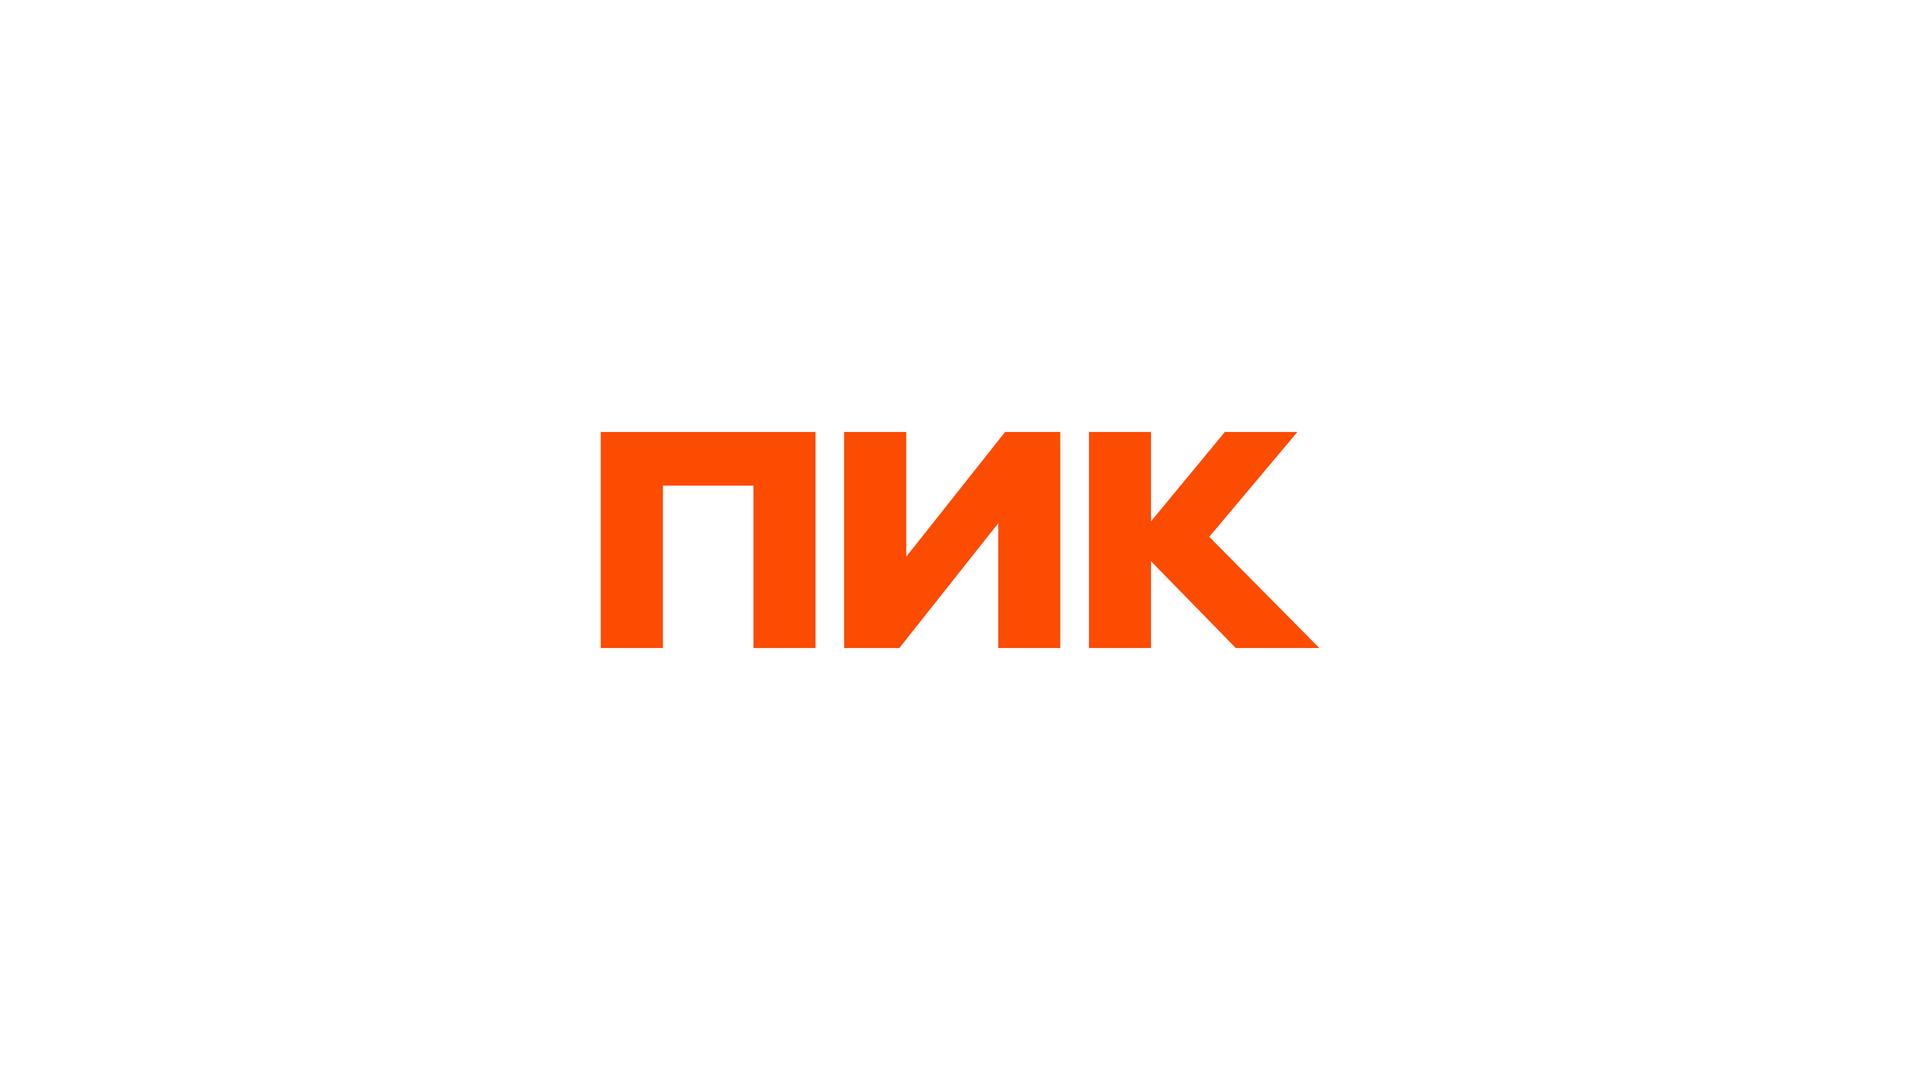 Логотип девелопера ПИК - РИА Новости, 1920, 29.10.2020